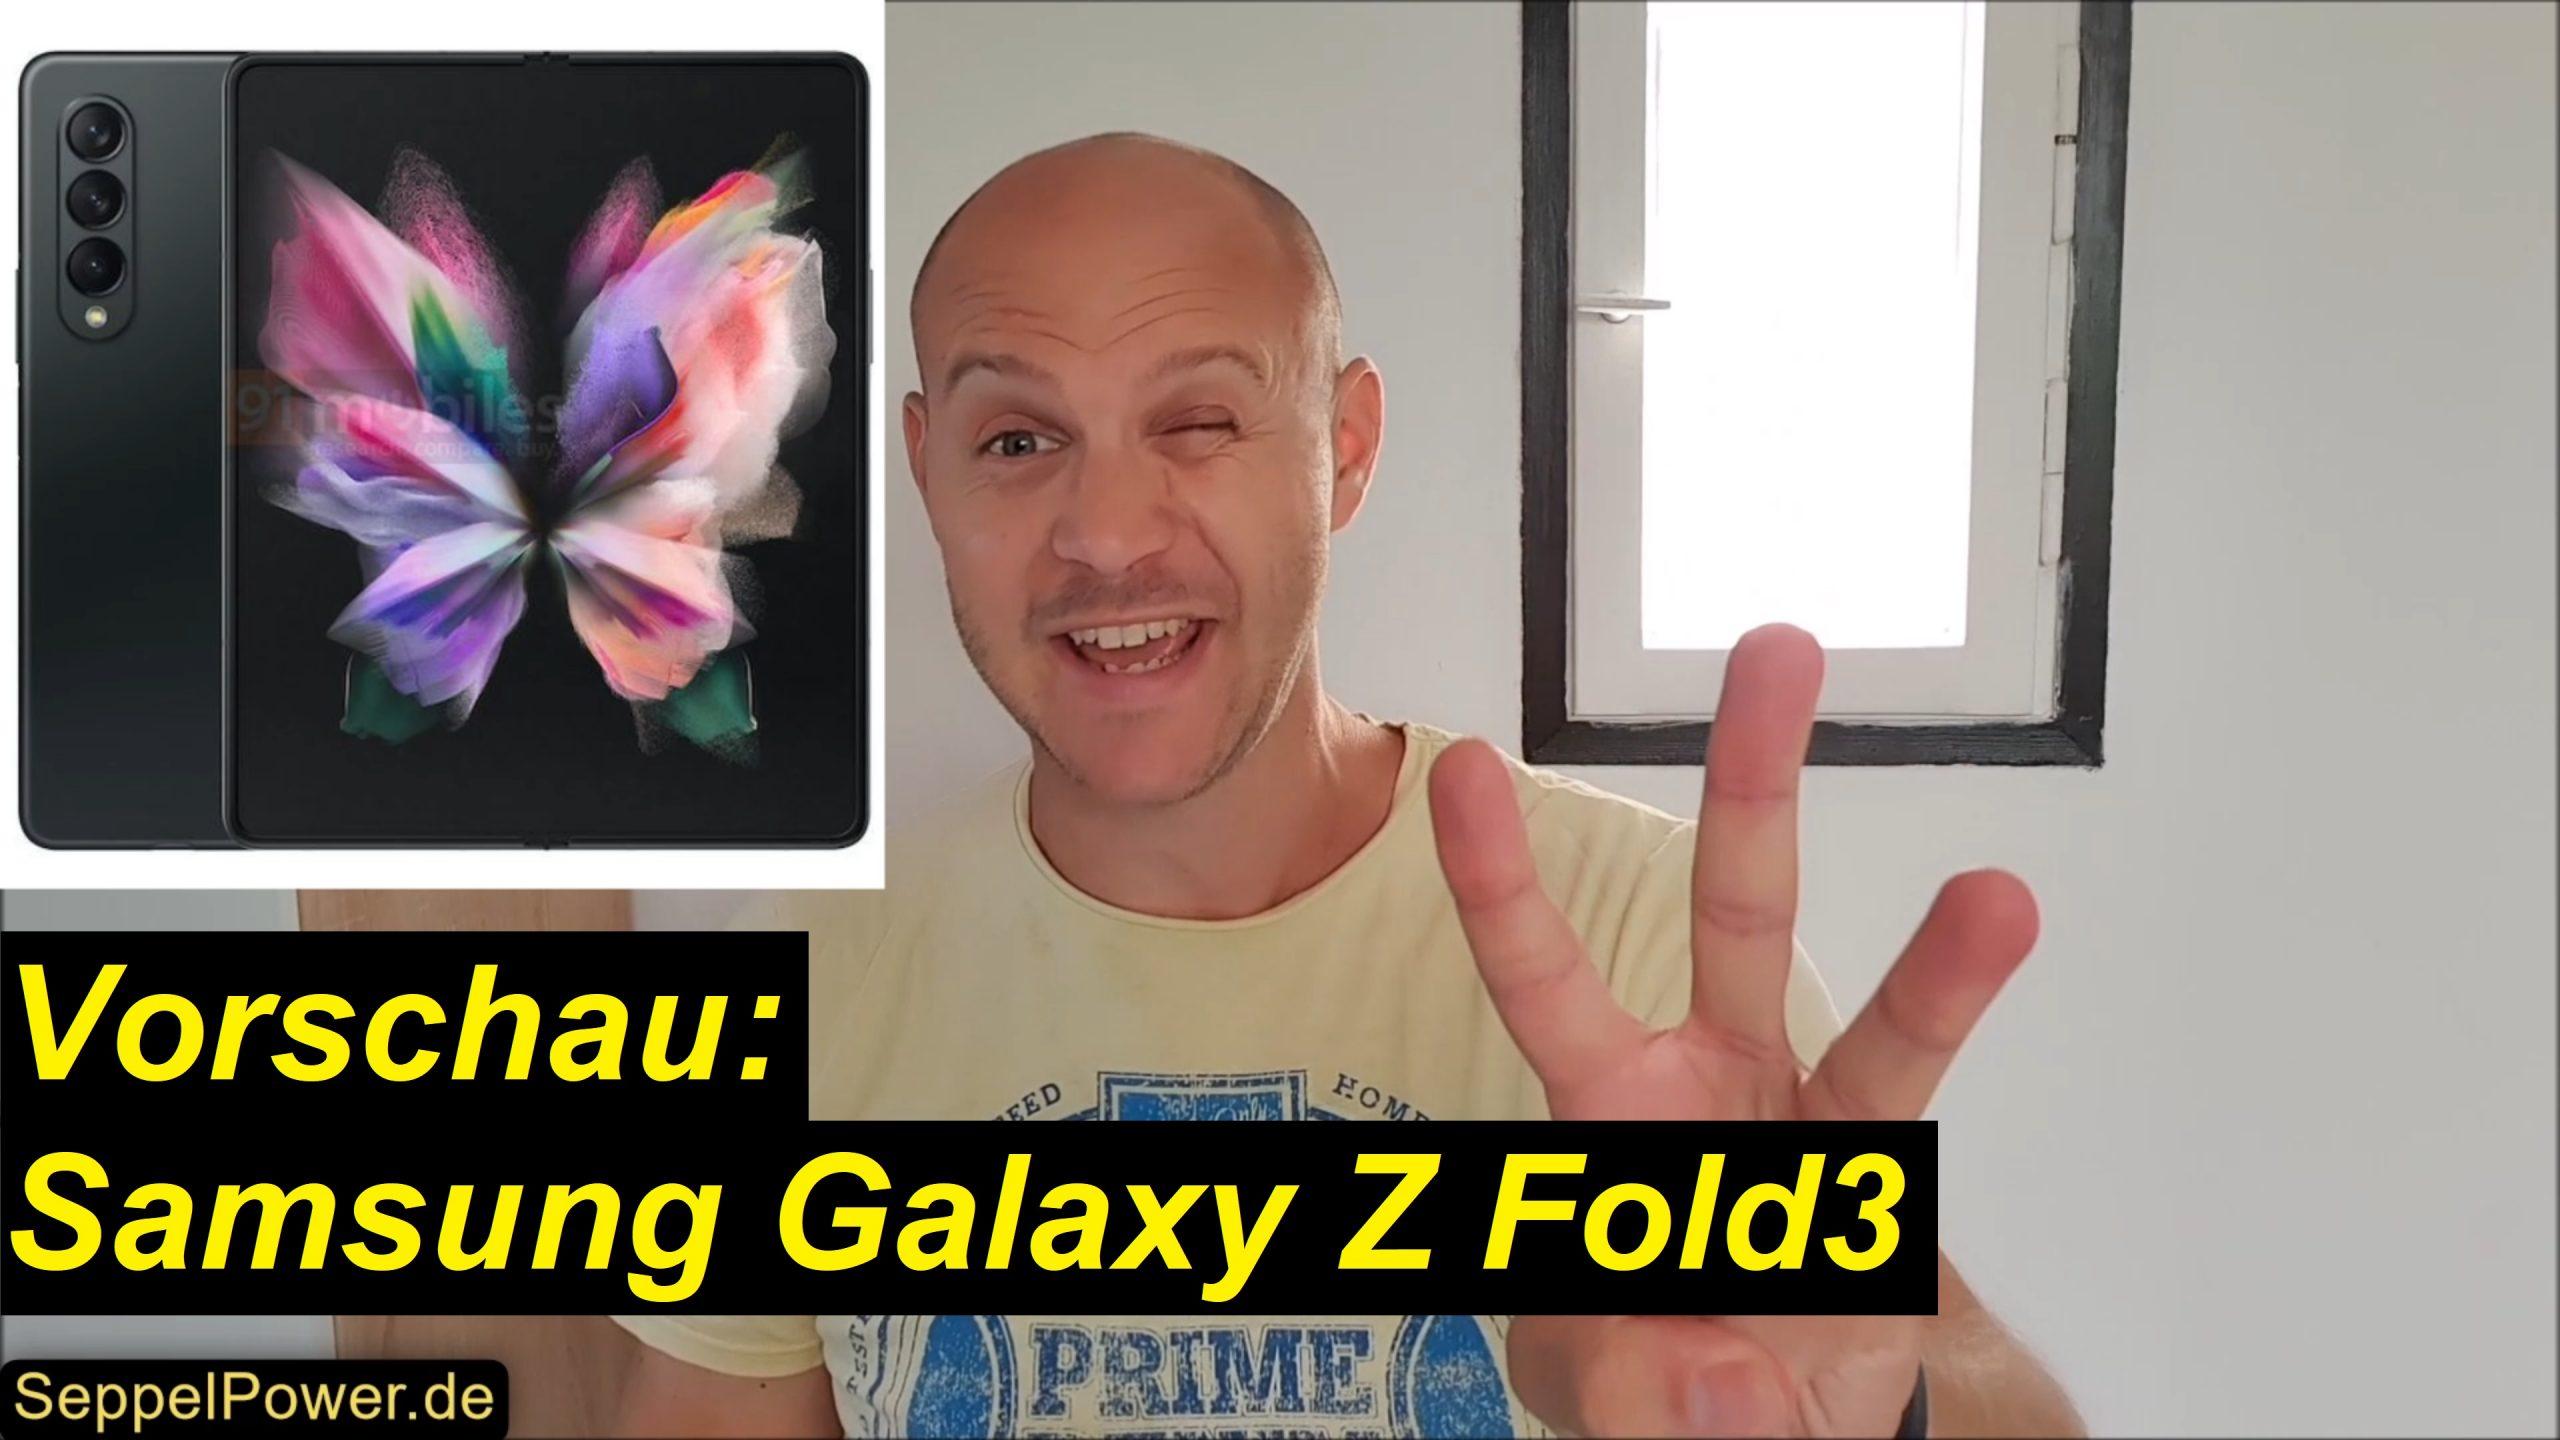 Vorschau zum Samsung Galaxy Z Fold3